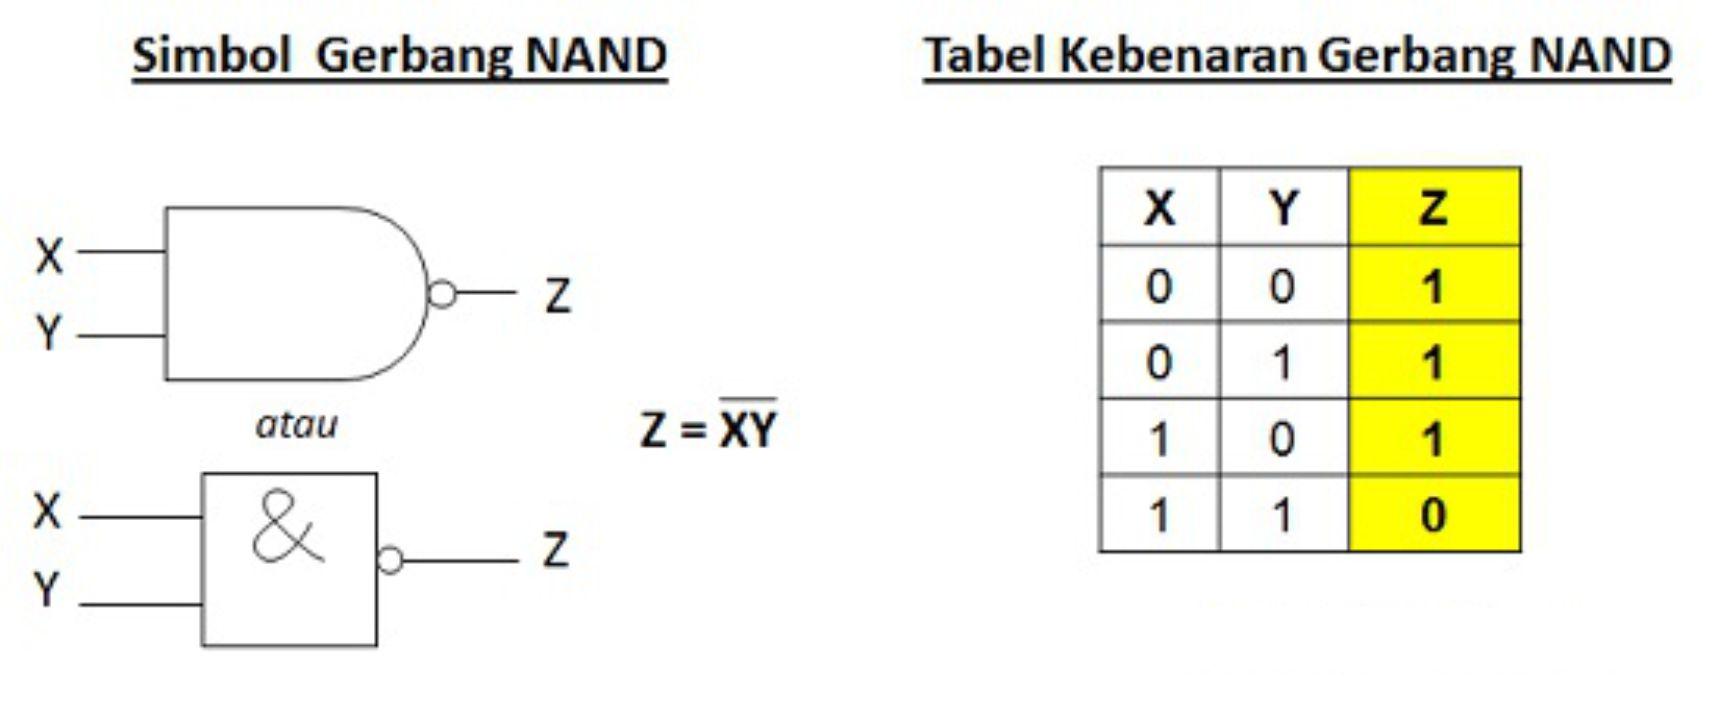 Gerbang logika NAND